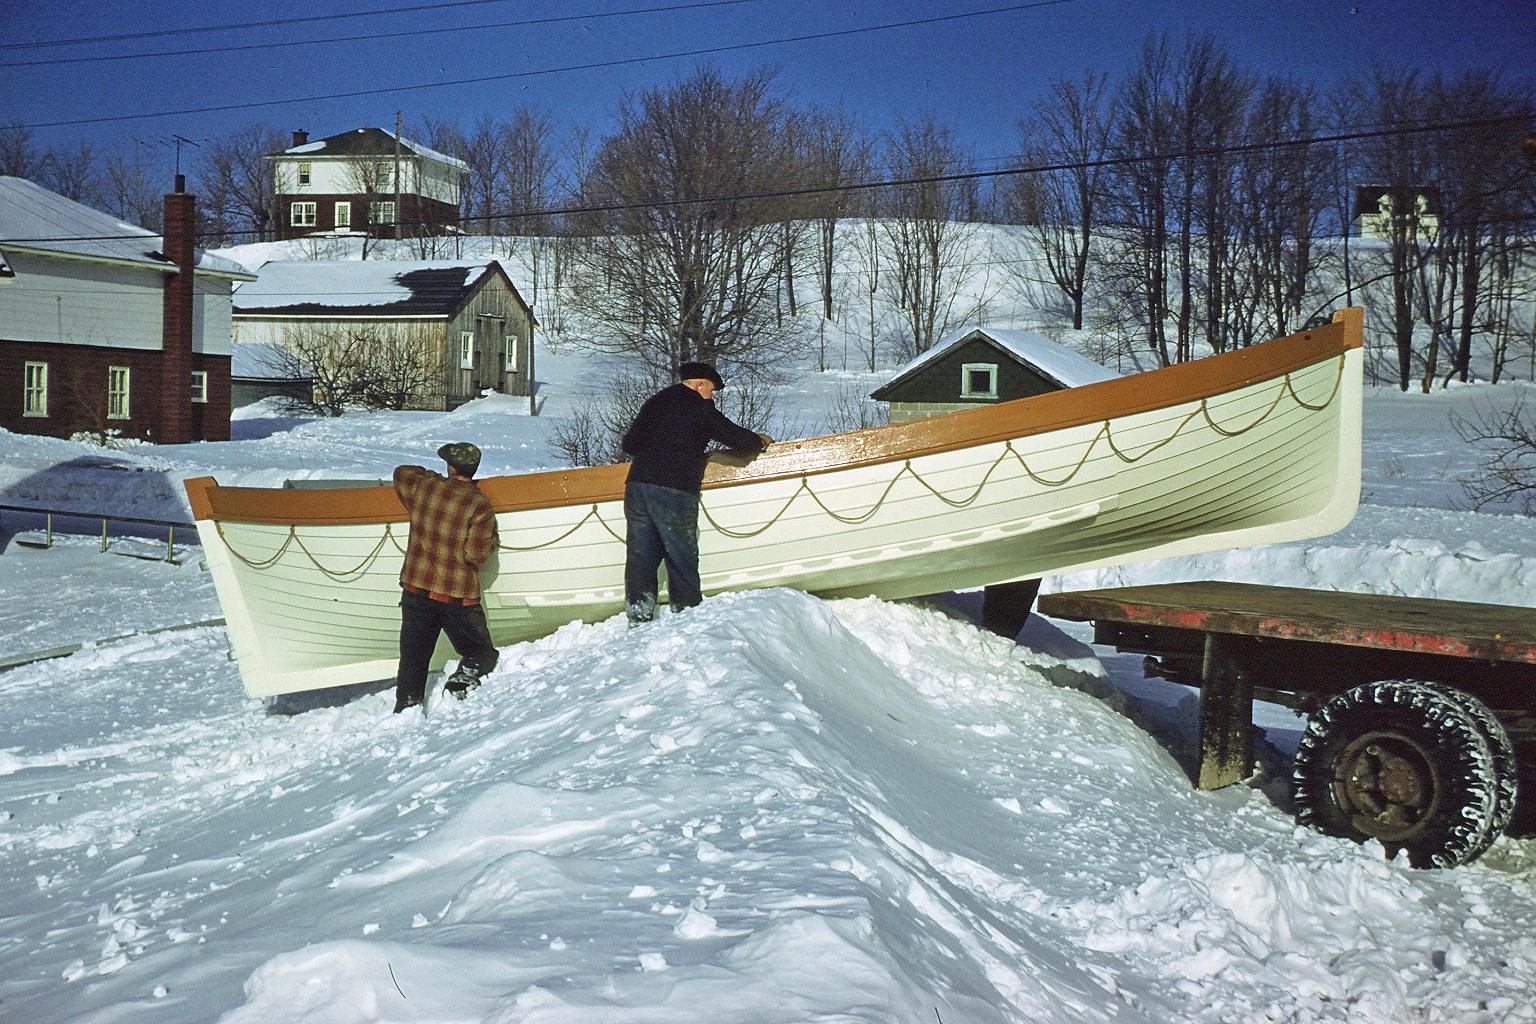 Photographie couleur où deux hommes, un jeune et un âgé, glissent une chaloupe blanche sur un amas de neige afin de l'installer sur la plate-forme arrière d'un camion.